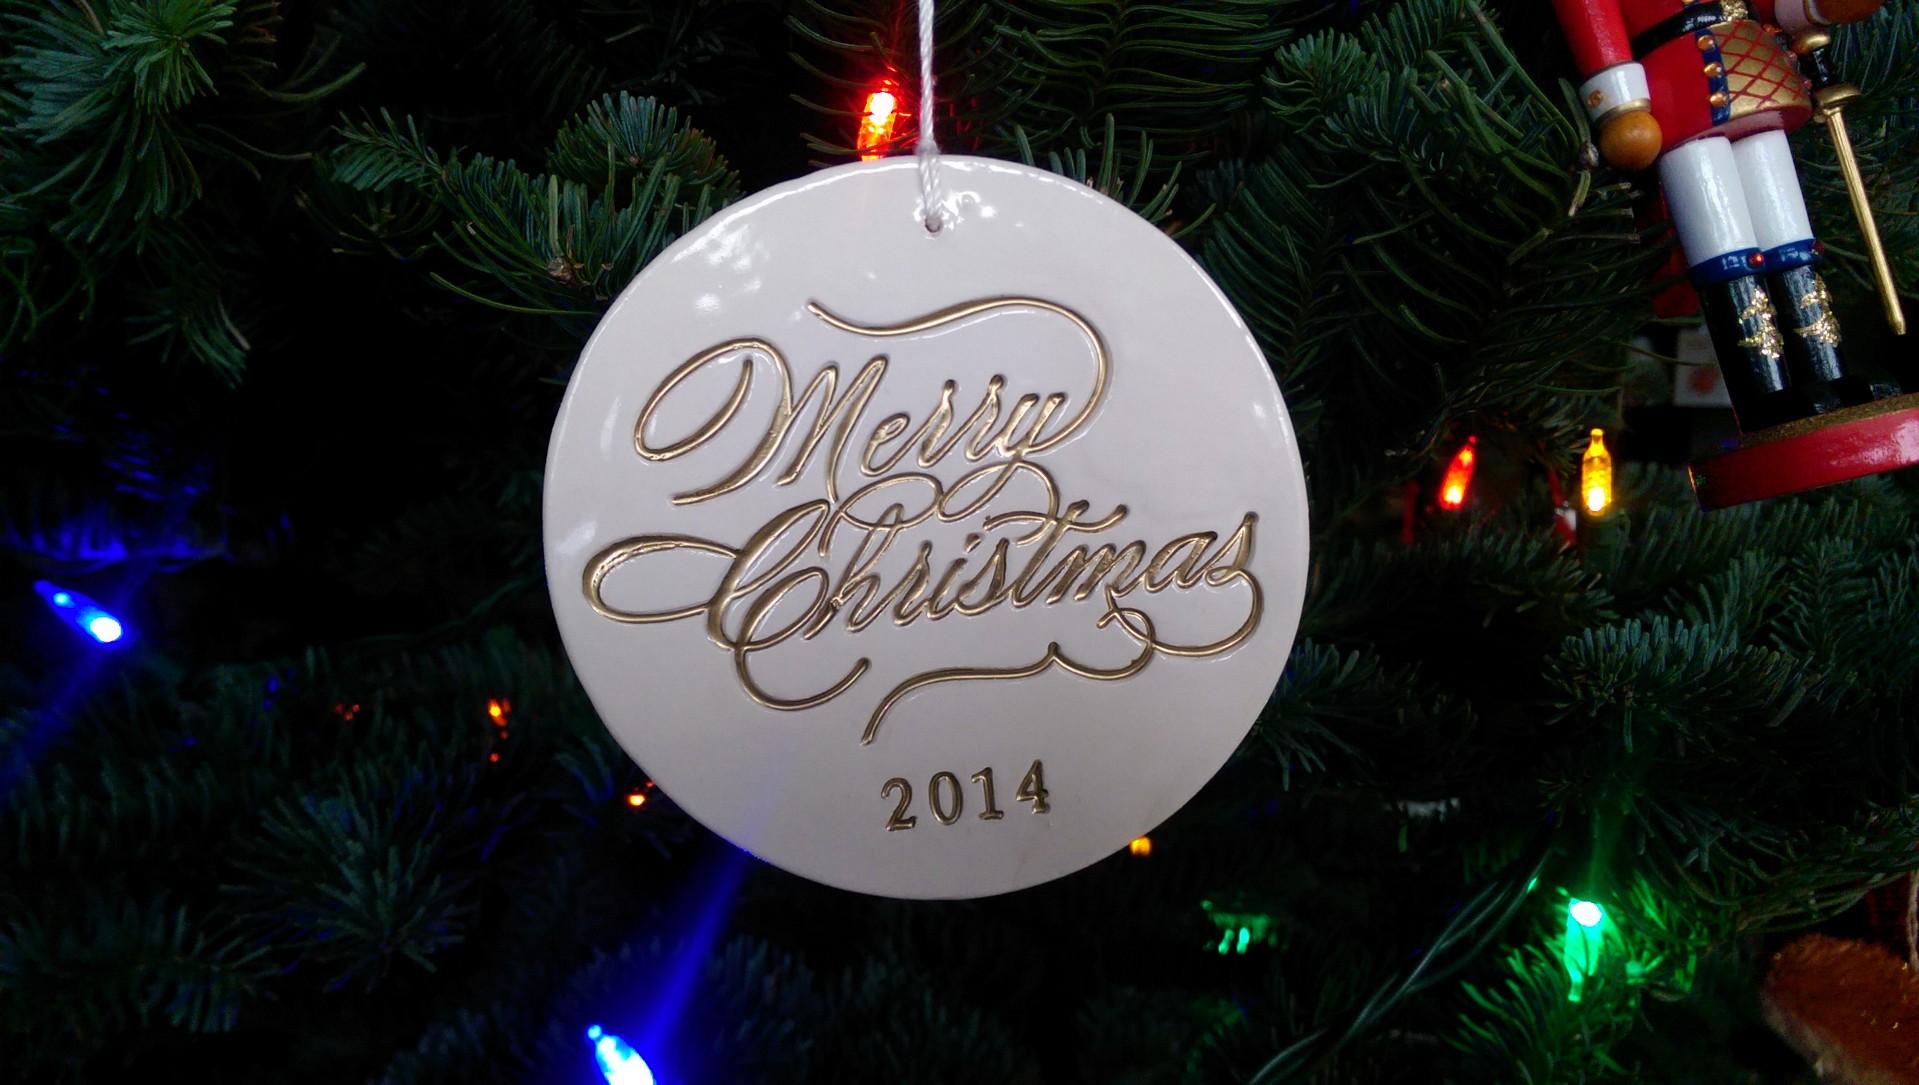 Merry Christmas ornament / warporweft.com